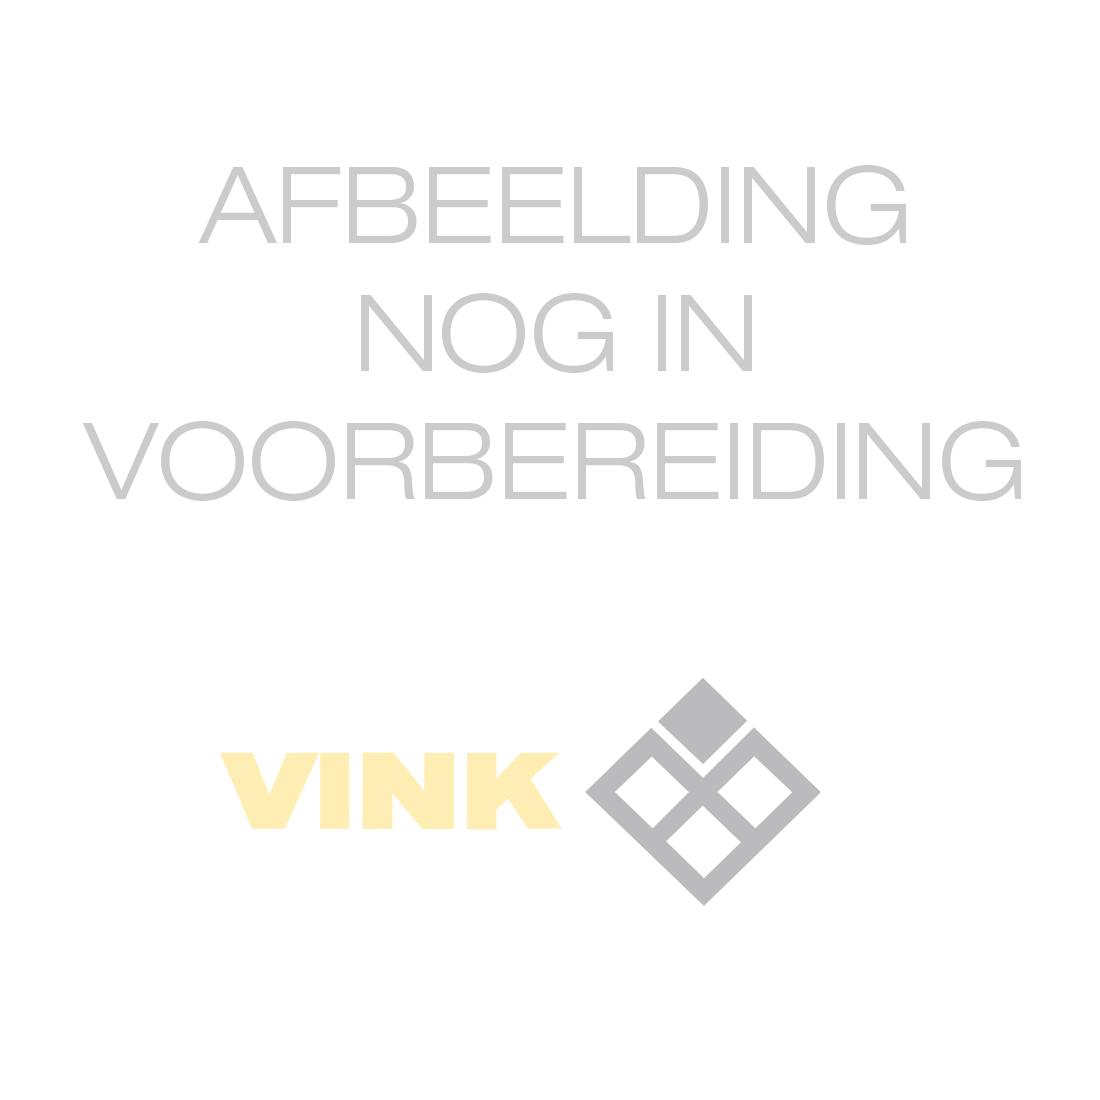 GF ABS VERLOOPSTUK KORT d110 -d90 LIJMEIND/SOK PN10 729900376